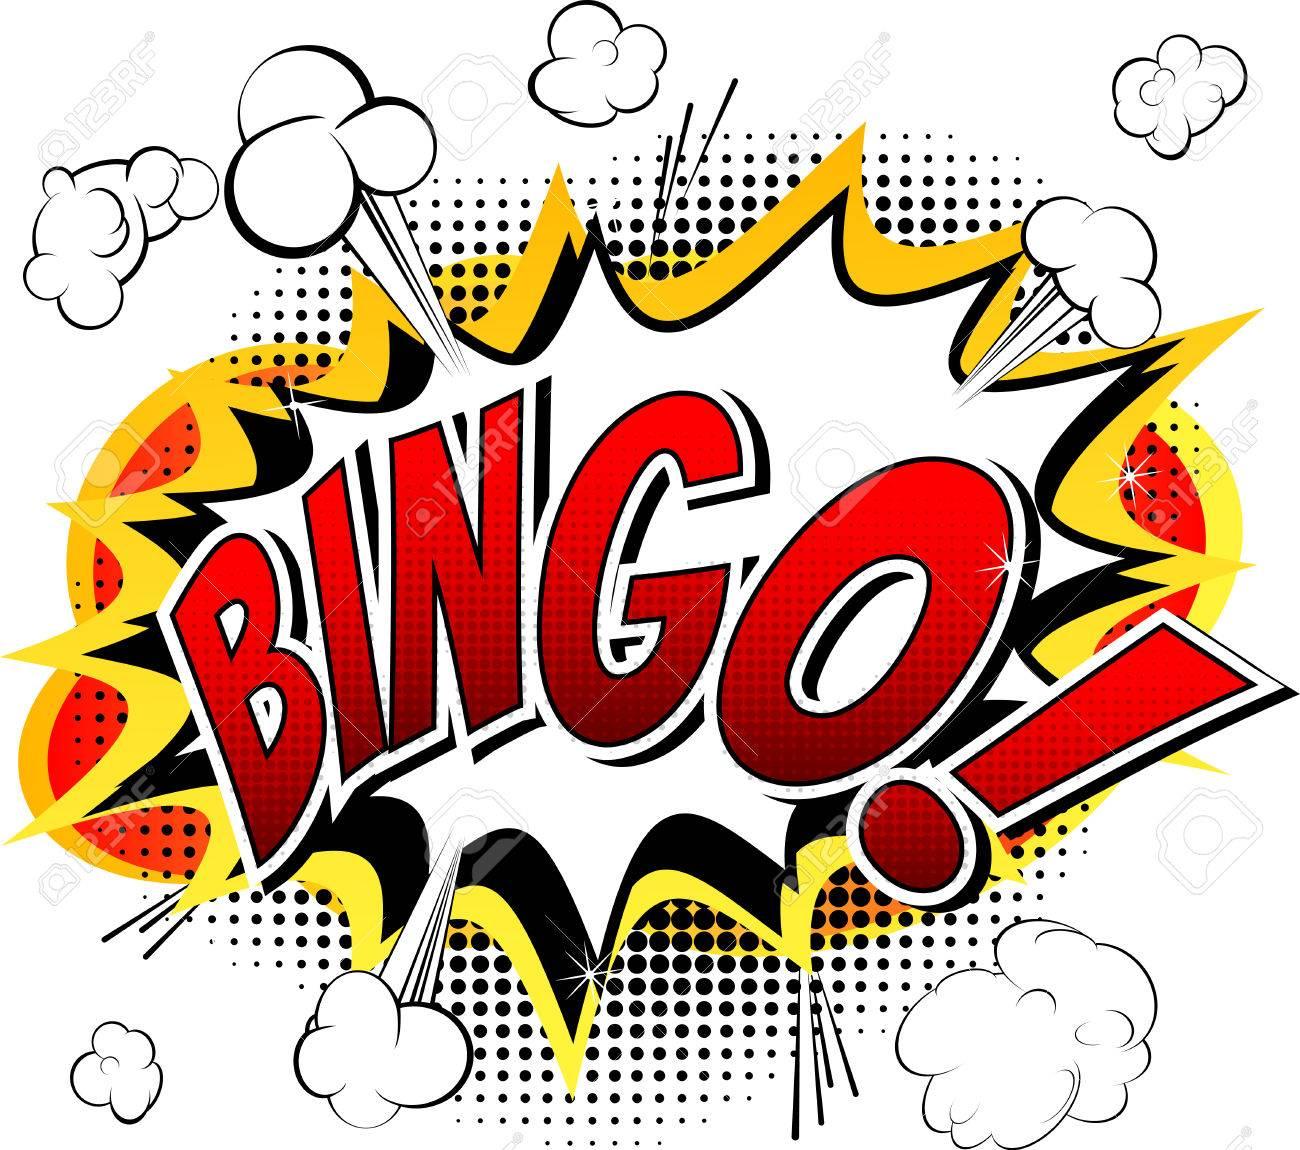 41619706-bingo-comic-book-style-word-iso